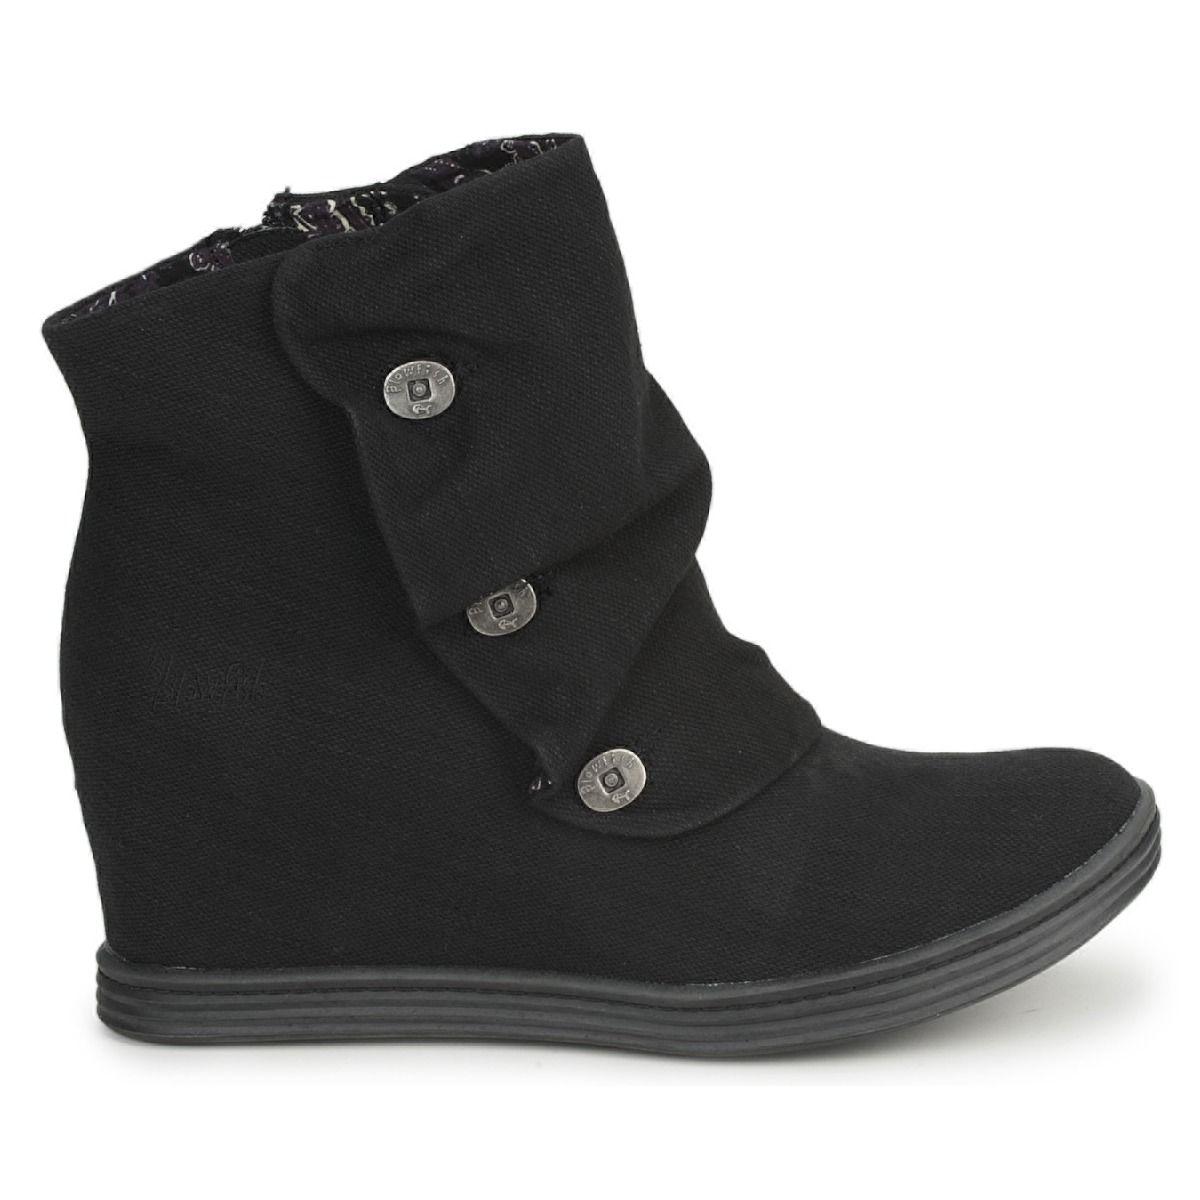 Zapatos Blowfish para mujer Comprar hjX1jWr